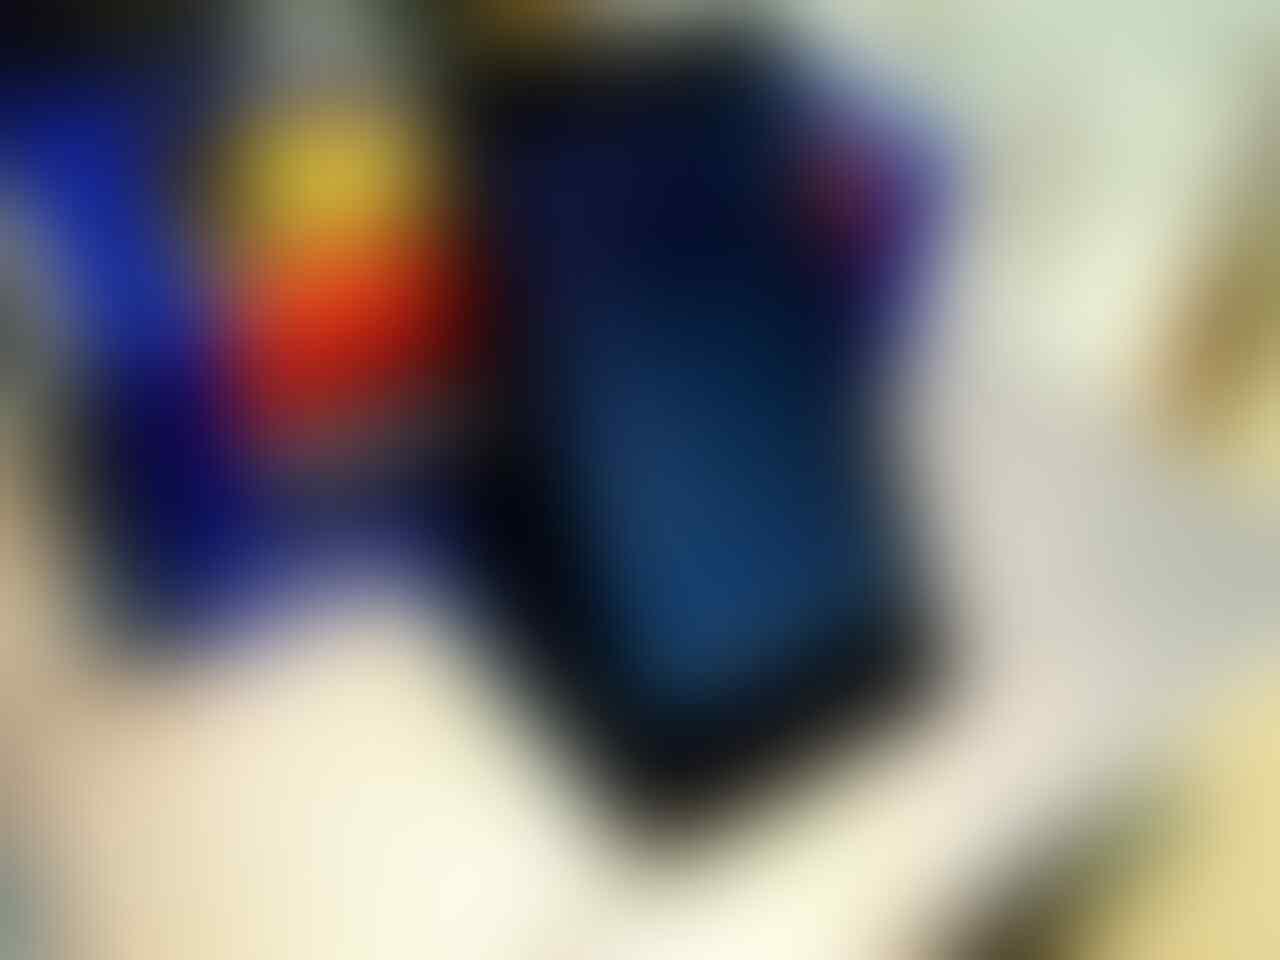 Nokia Lumia 520 Black Mulus, Garansi Panjang, Simpanan